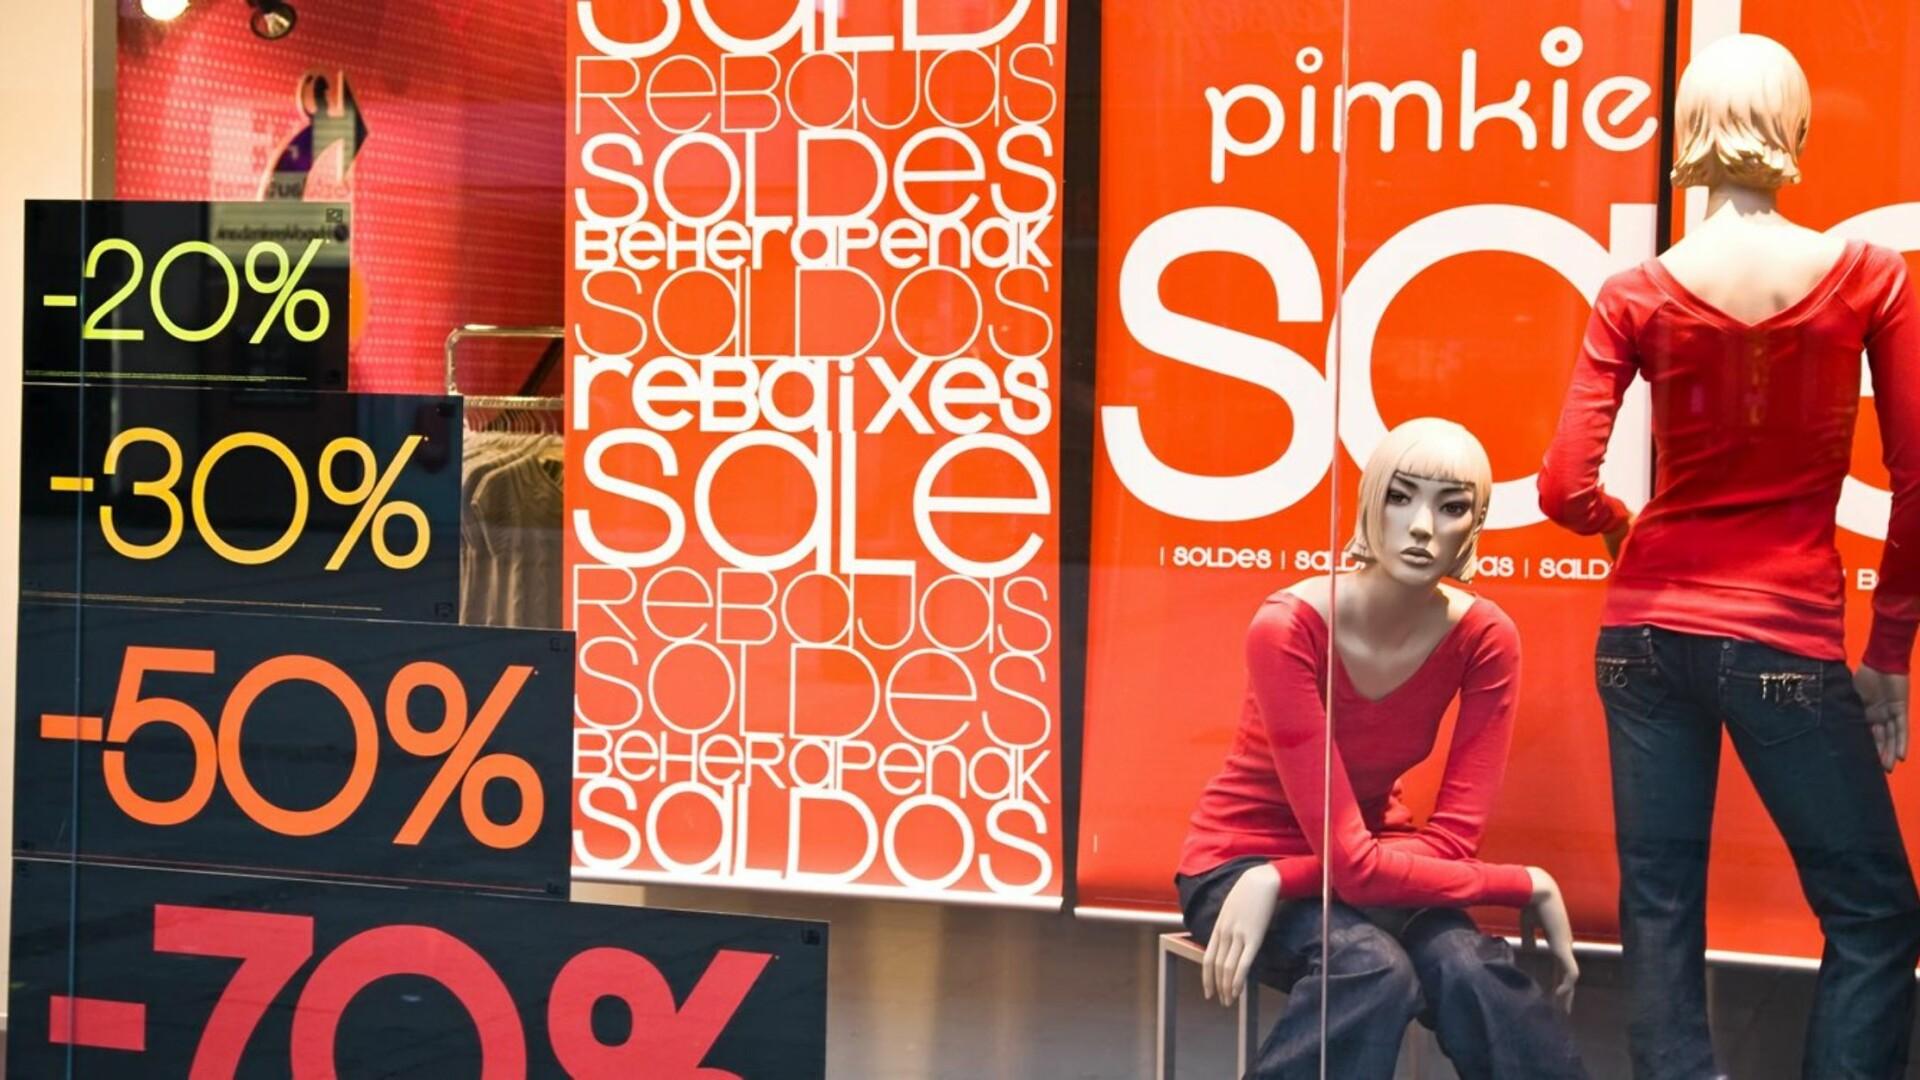 badcf163 Sommersalget har startet - Mote og Shopping